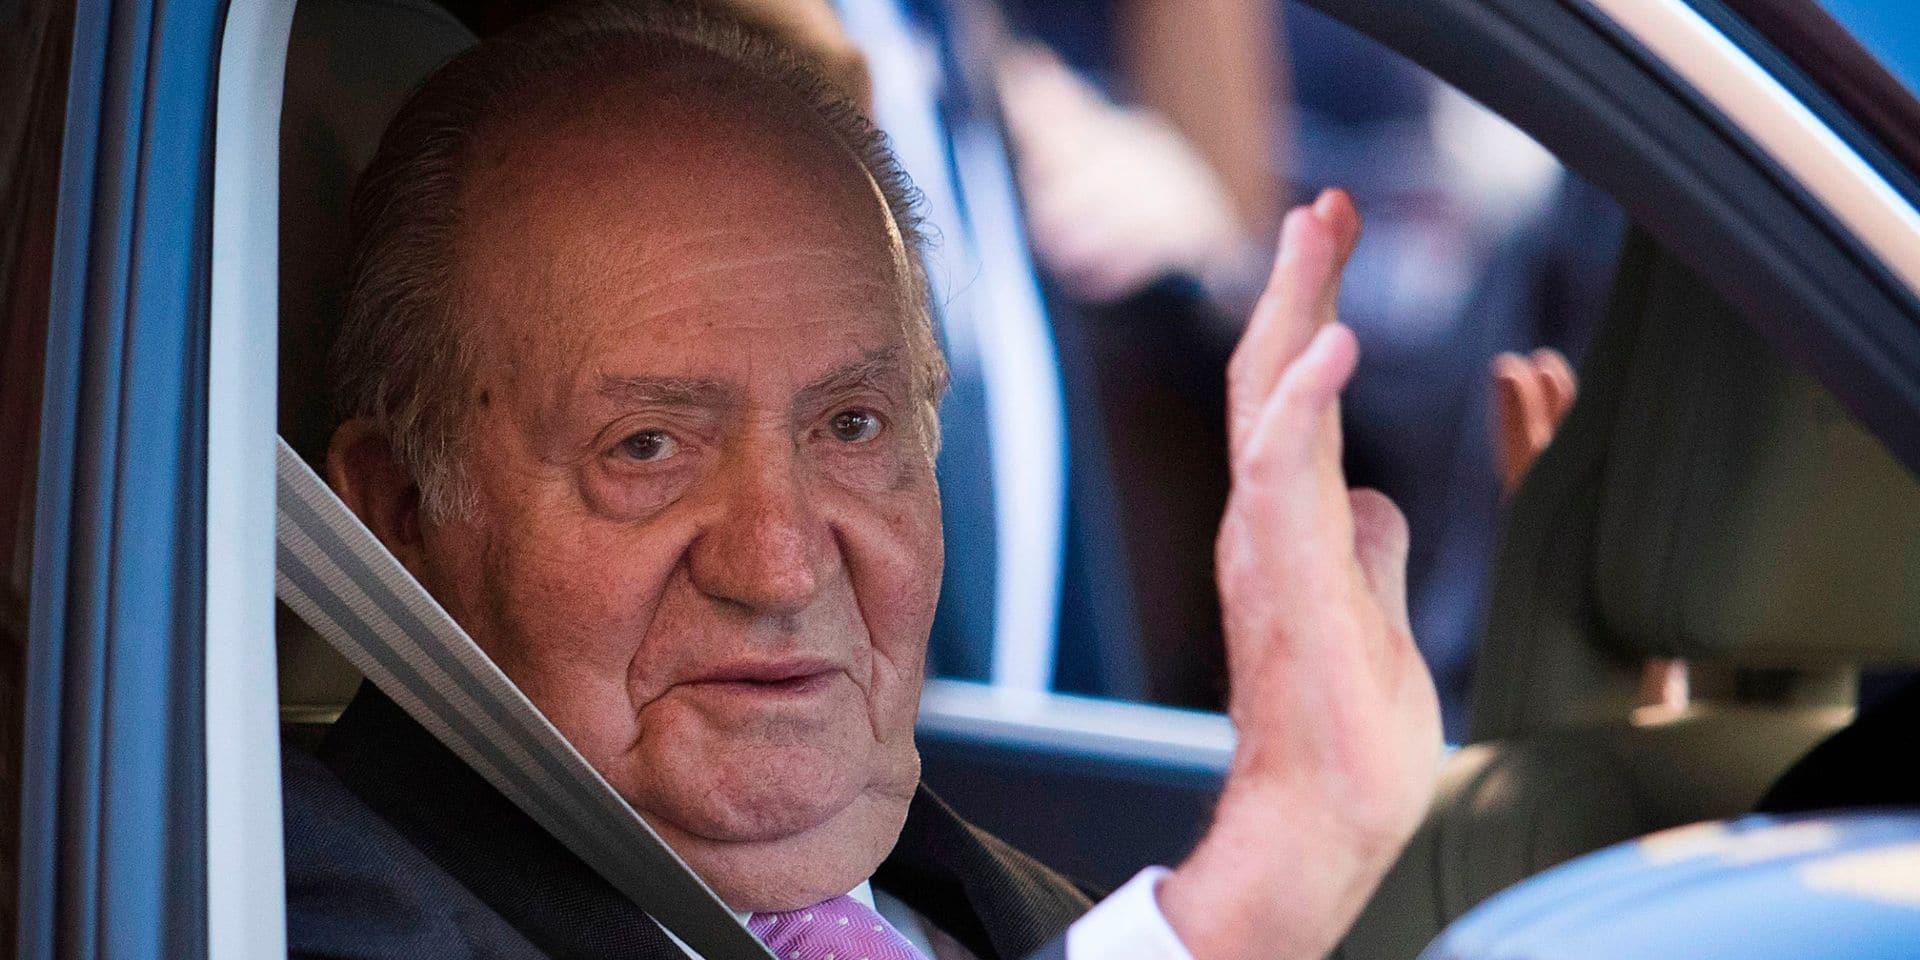 """Des soupçons mais pas d'enquête contre Juan Carlos rappelle le gouvernement espagnol: """"il ne fuit rien puisqu'il n'est impliqué dans aucune affaire"""""""